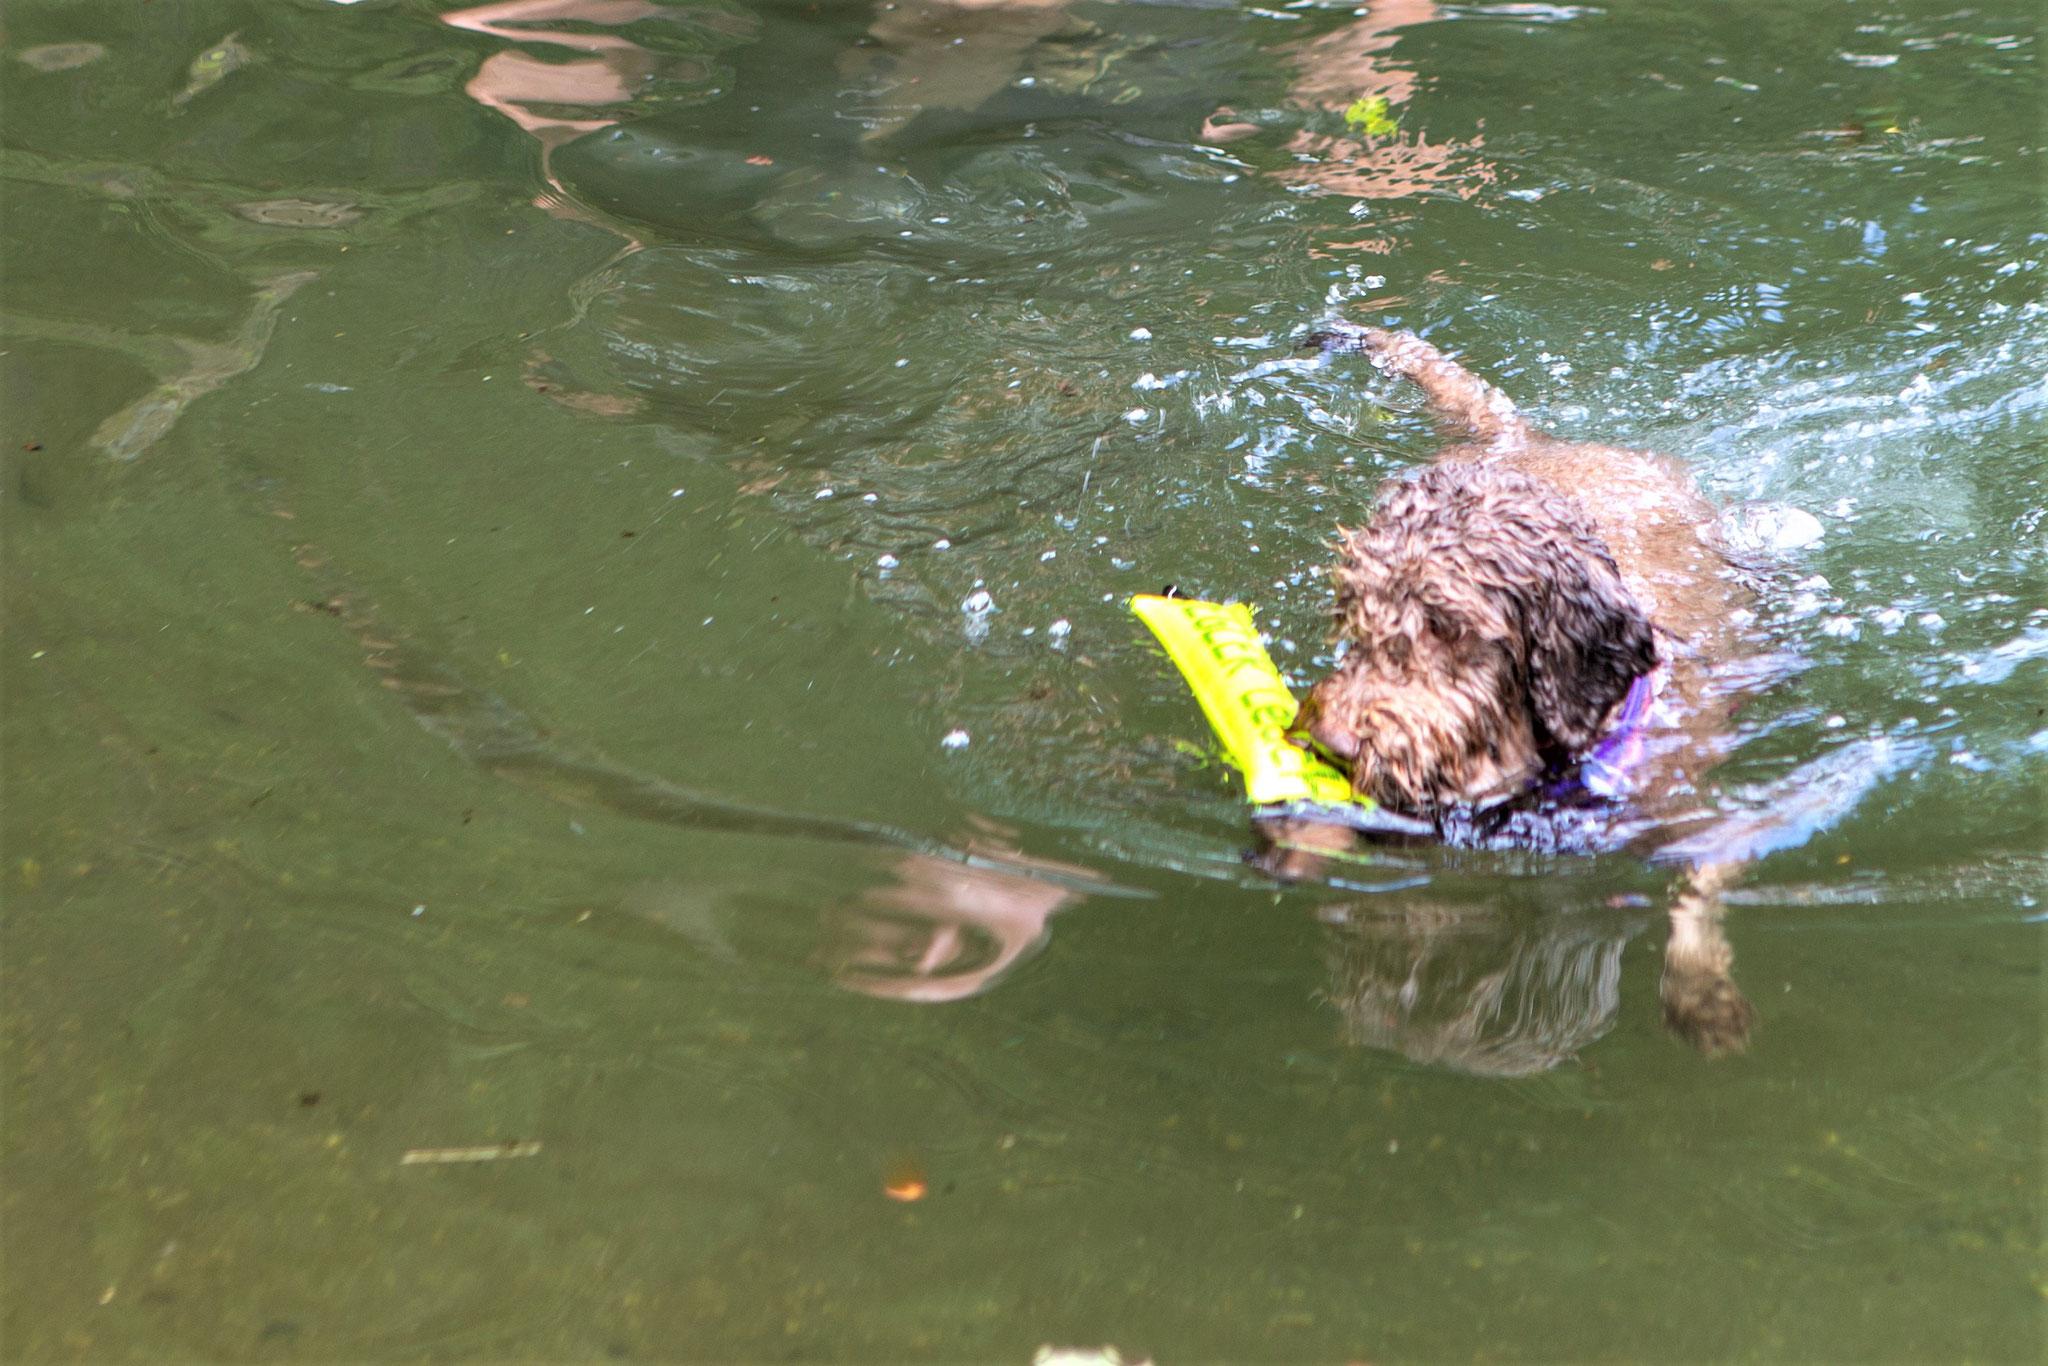 schwimmt ruhig und kann den Dummy auch noch mitbringen.